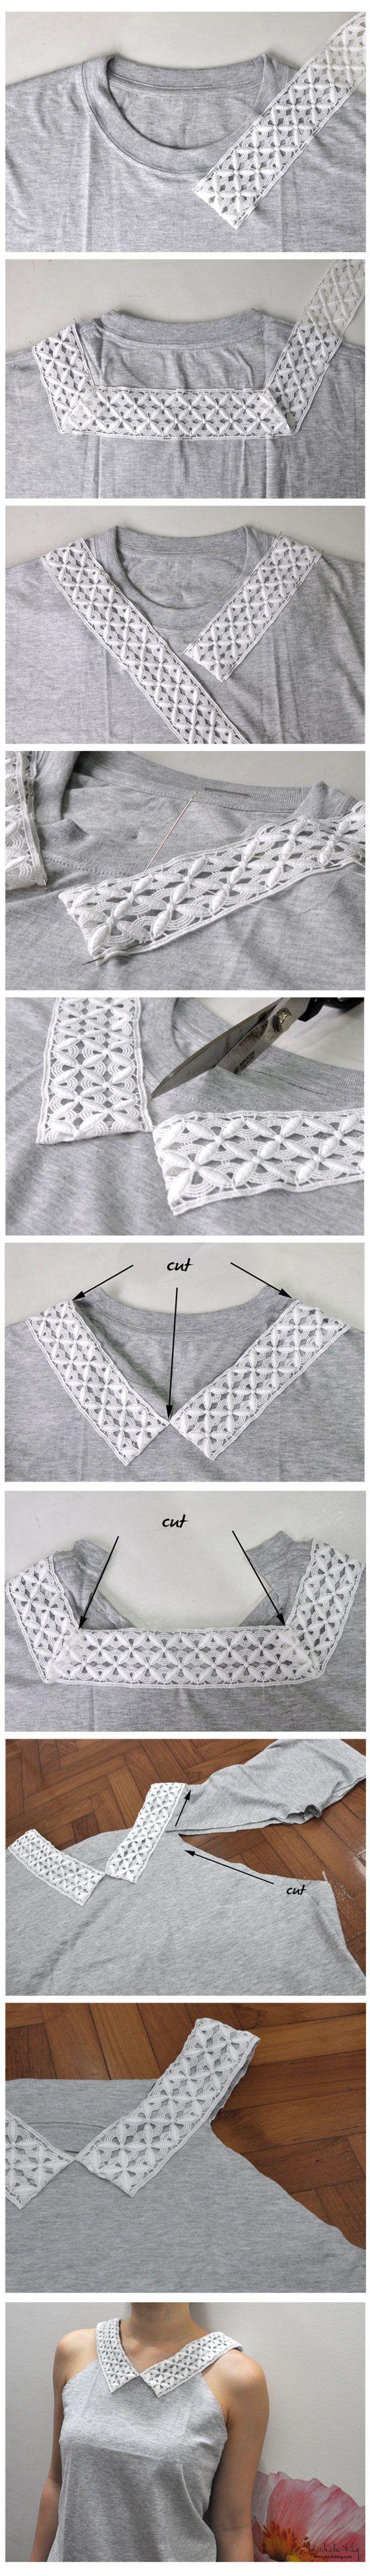 Remodele uma camiseta meio-sem-graça e transforme numa peça super fashion para usar no dia a dia. Encontre um pedaço de renda de comprimento suficiente para cobrir a gola da camiseta ...Read more